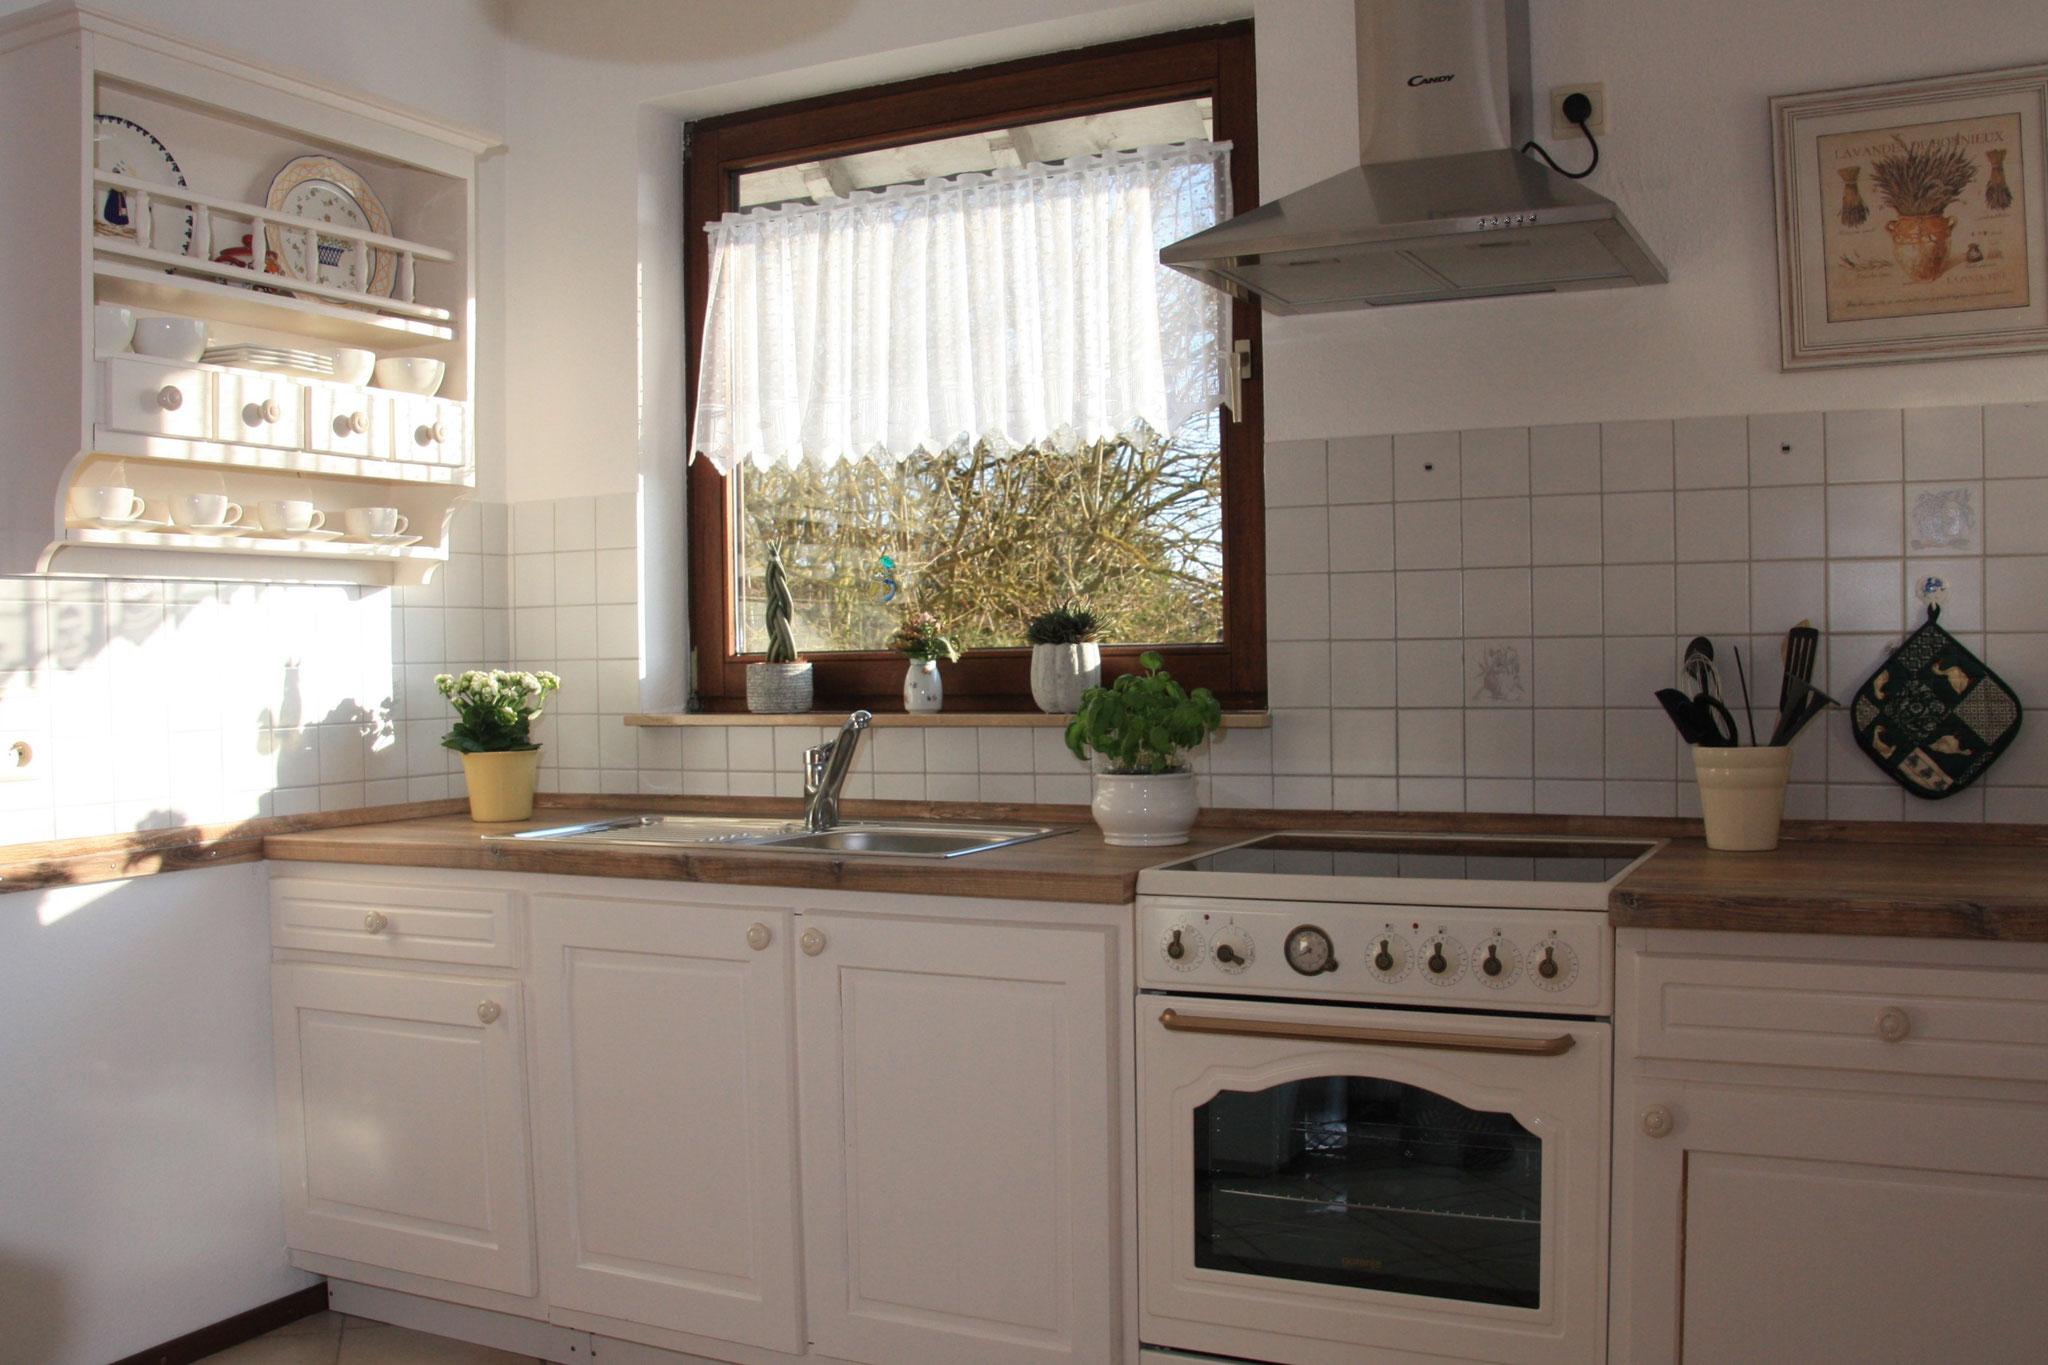 Küche im Landhausstil mit modernem Herd und Backofen im Retro-Look  |  Heldere keuken in landhuisstijl met hoogwaardig fornuis en bakoven in zijn retro-look